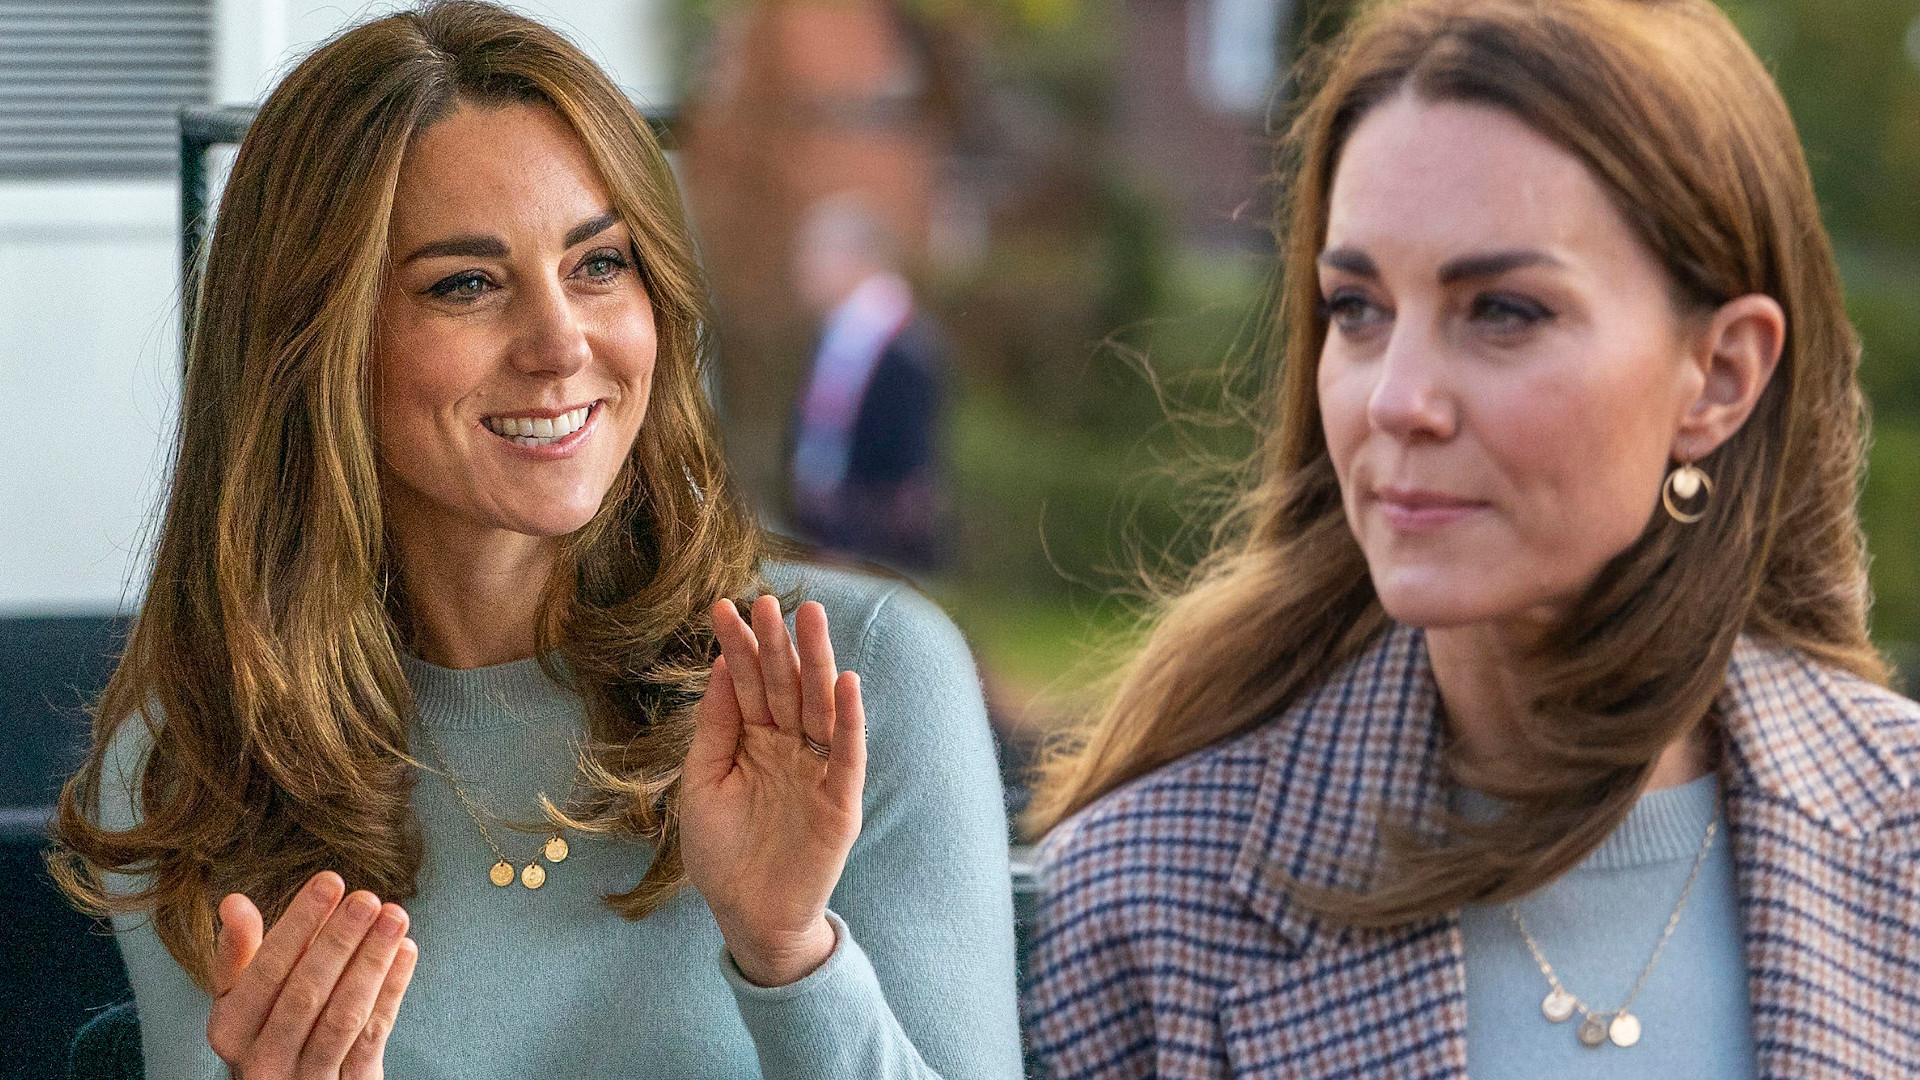 Księżna Kate na spotkaniu ze studentami. Wyglądała dość SKROMNIE